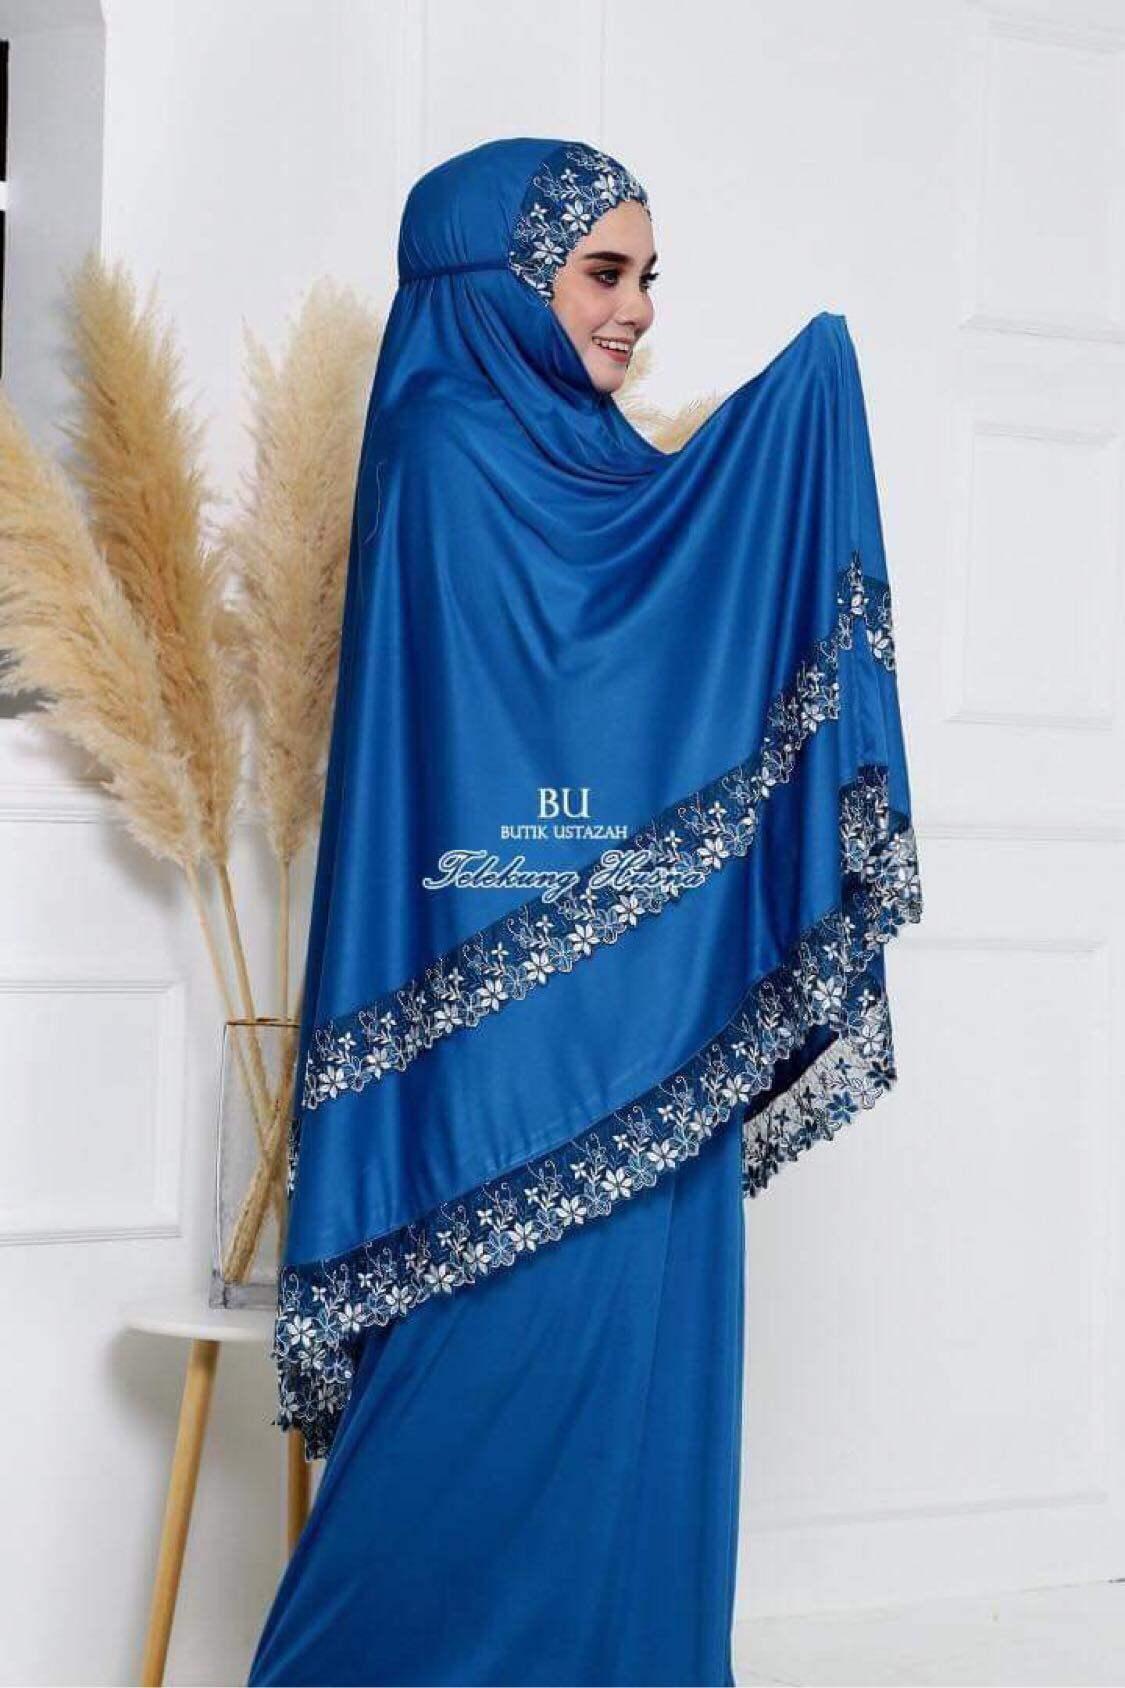 ผ้าละหมาด รุ่นลูกไม้สองชั้น ผ้าสวยไม่ร้อน สีไม่ตก.